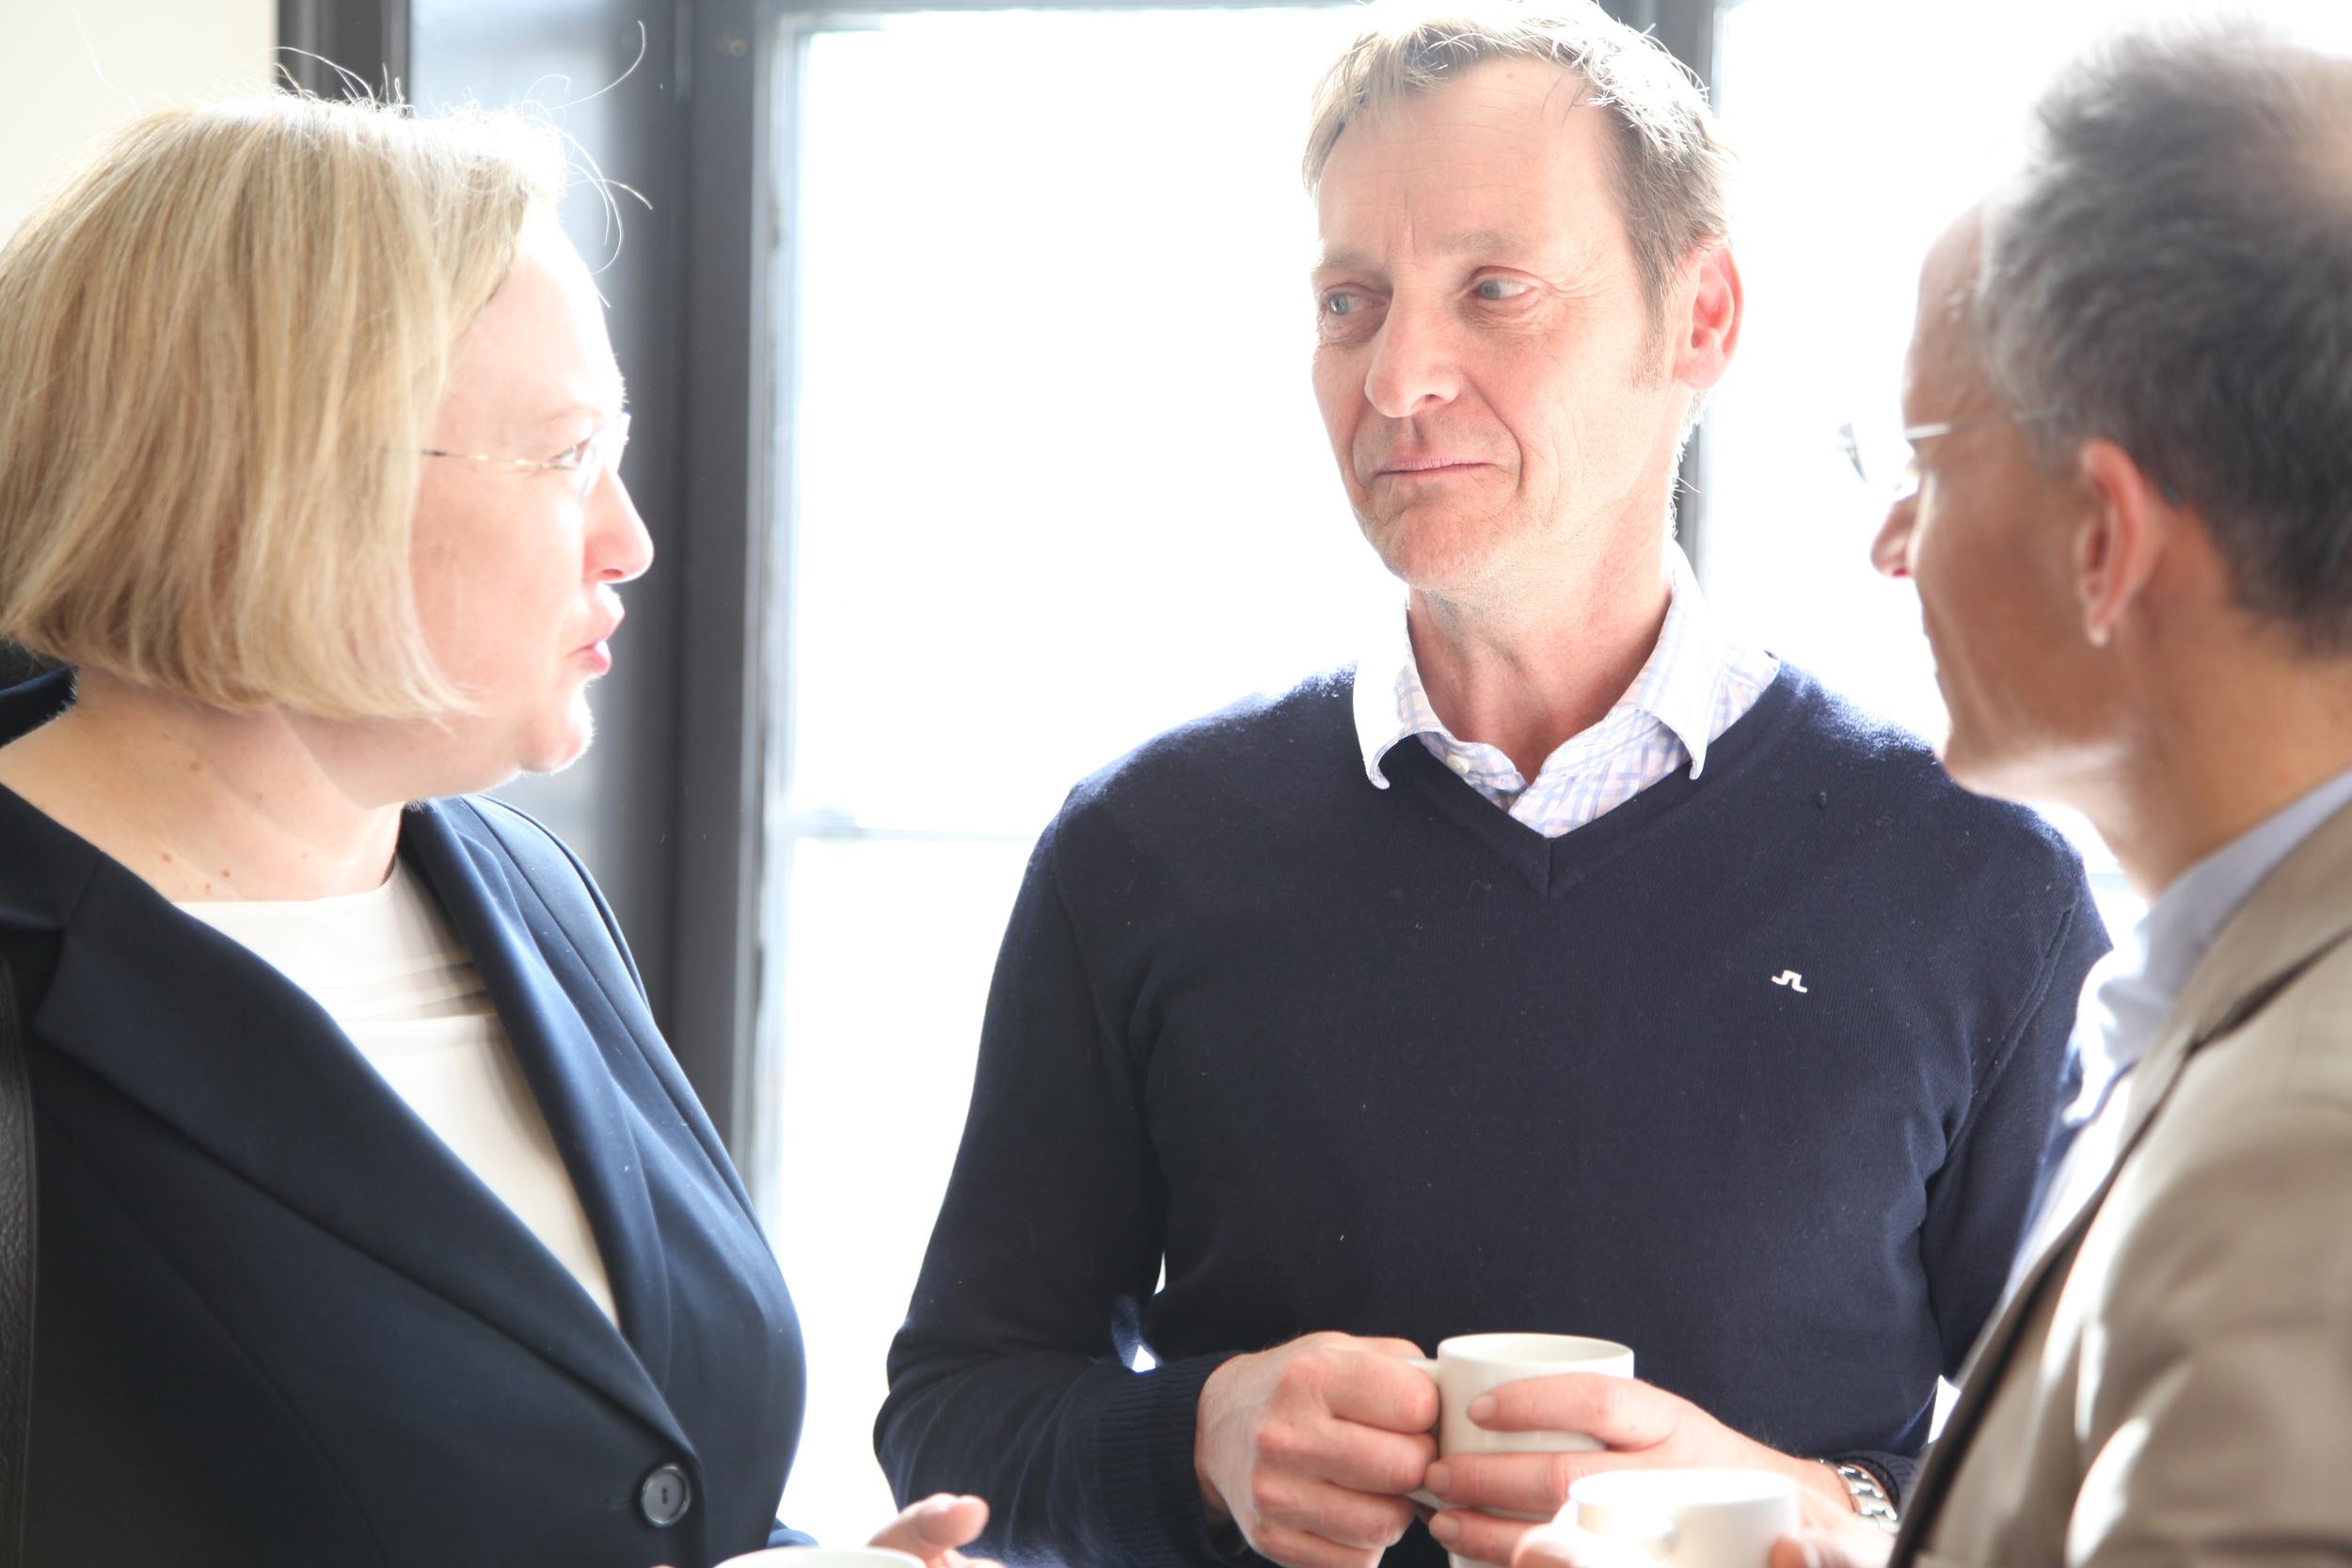 Helen Campbell, EUs ambassadør til Norge, i samtale om de kommende klimaforhandlingene i Paris med seniorrådgiver Per Anker Nilssen ved NHO og ambassaderåd Jean-Marc Pommeray ved den franske ambassaden i Oslo. Foto: Monica Bjermeland/CICEP.